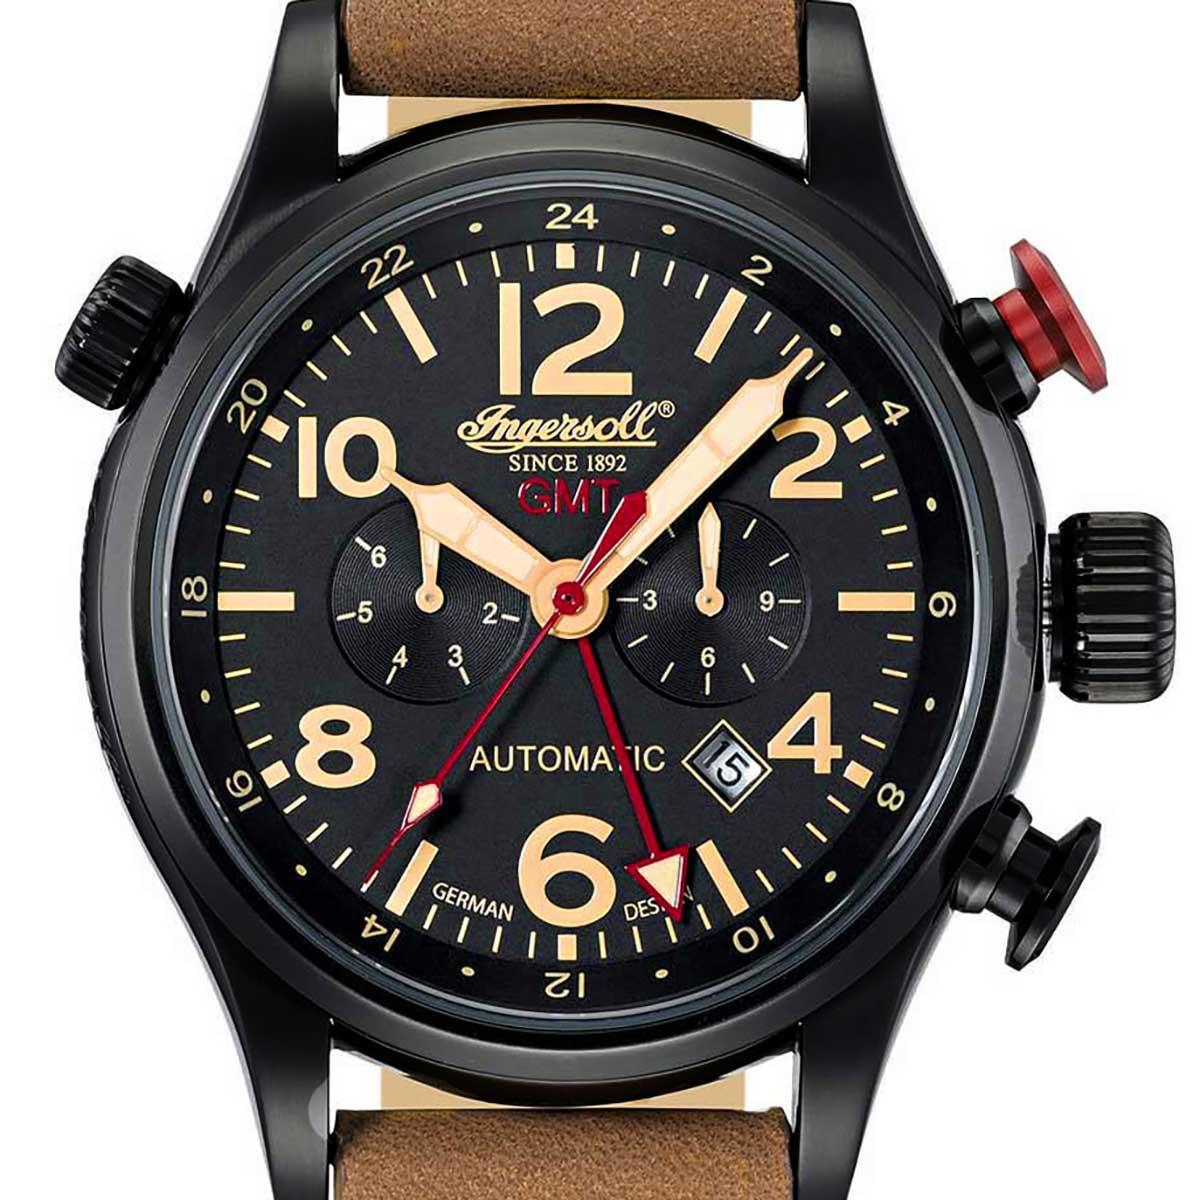 【残り1点】Ingersoll インガソール/インガーソル 自動巻き(手巻き機能あり) 腕時計 [IN3218BBK] 並行輸入品  カレンダー GMT(ワールドタイム)